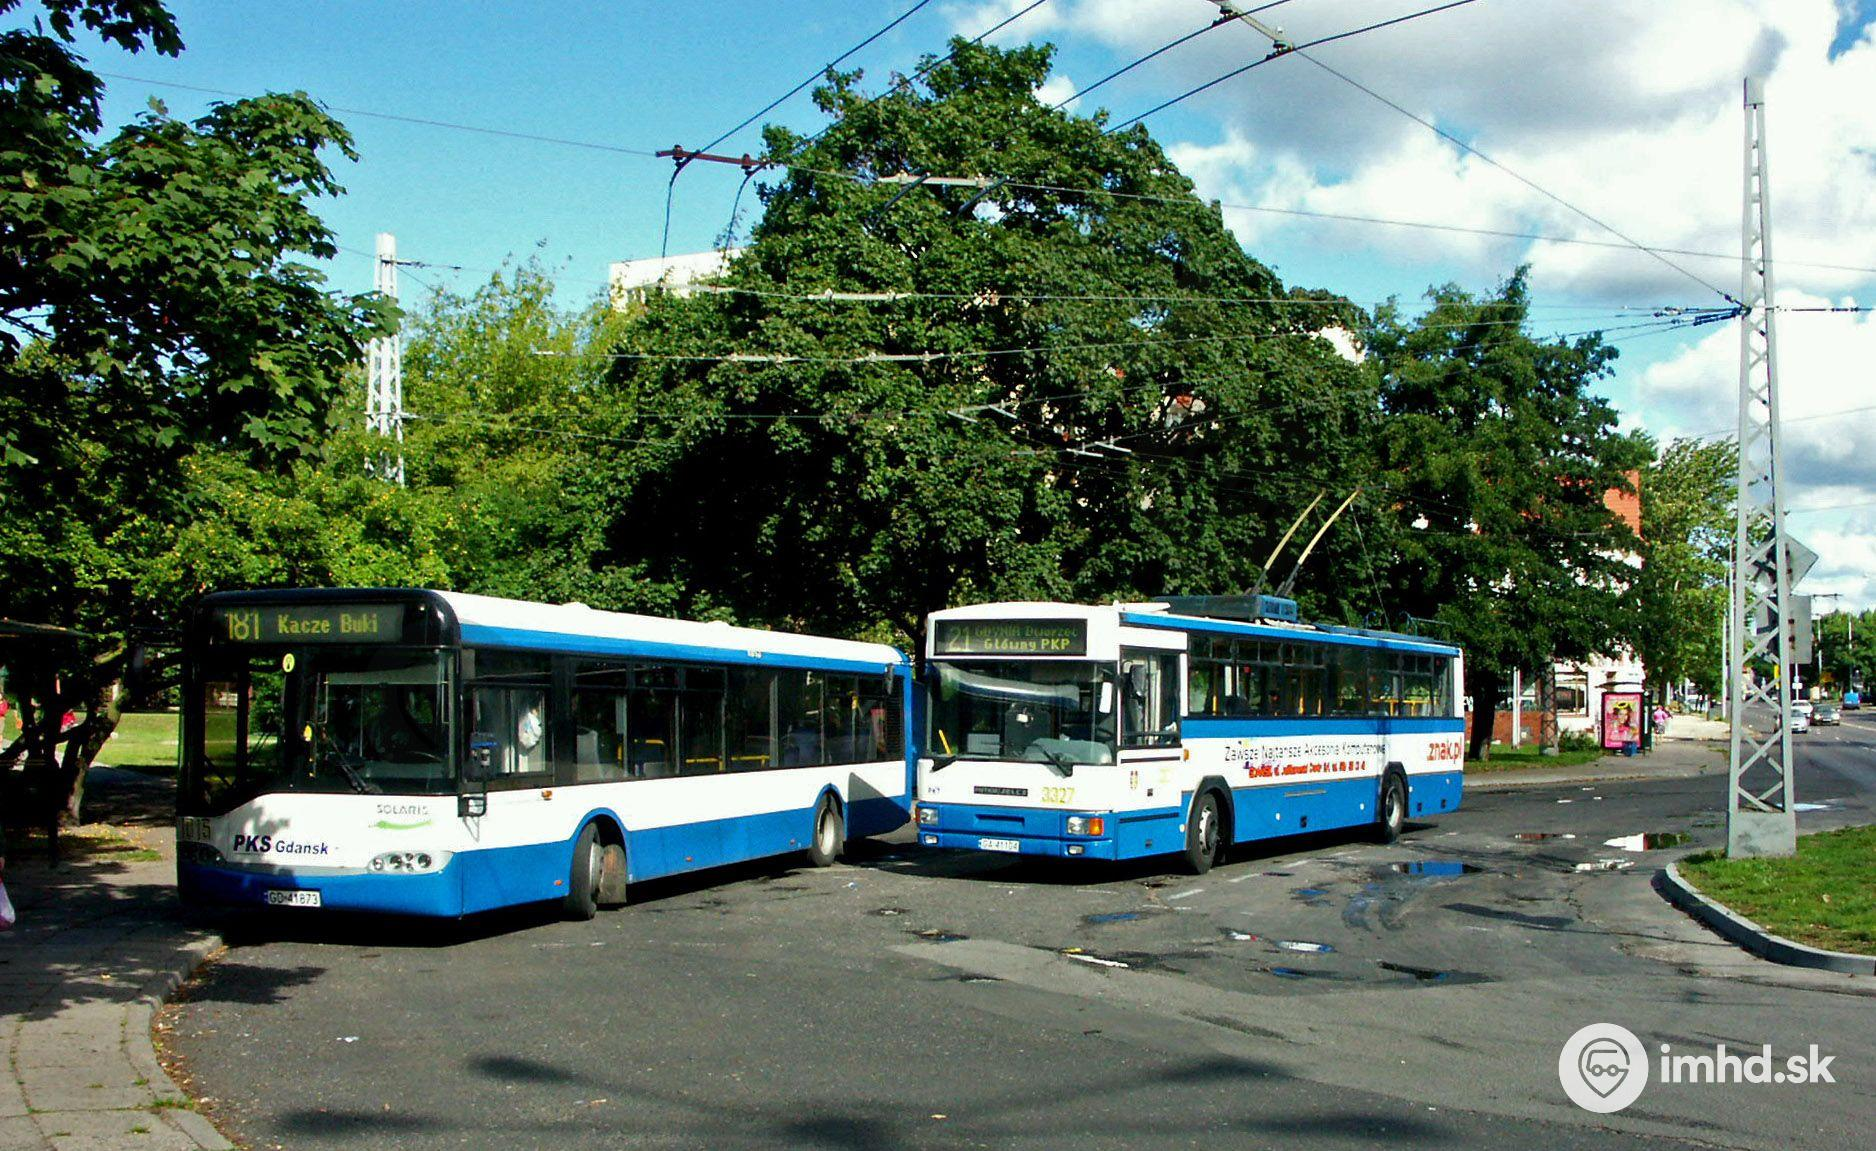 1015, 3327, GA 41104, GD 41873, route 181, 21, Sopot • imhd